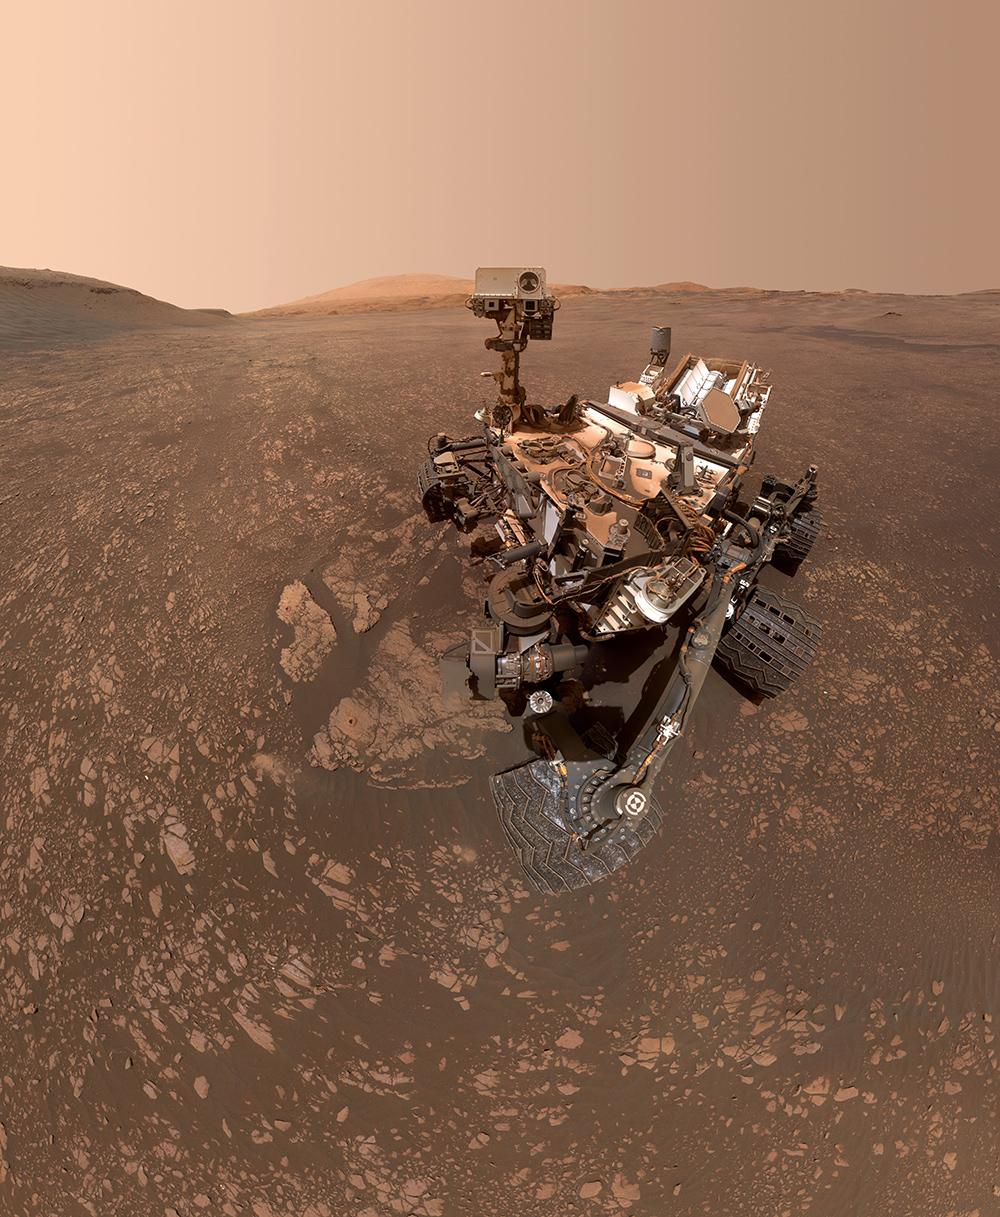 Curiosity selfie 2019 © NASA/JPL-Caltech